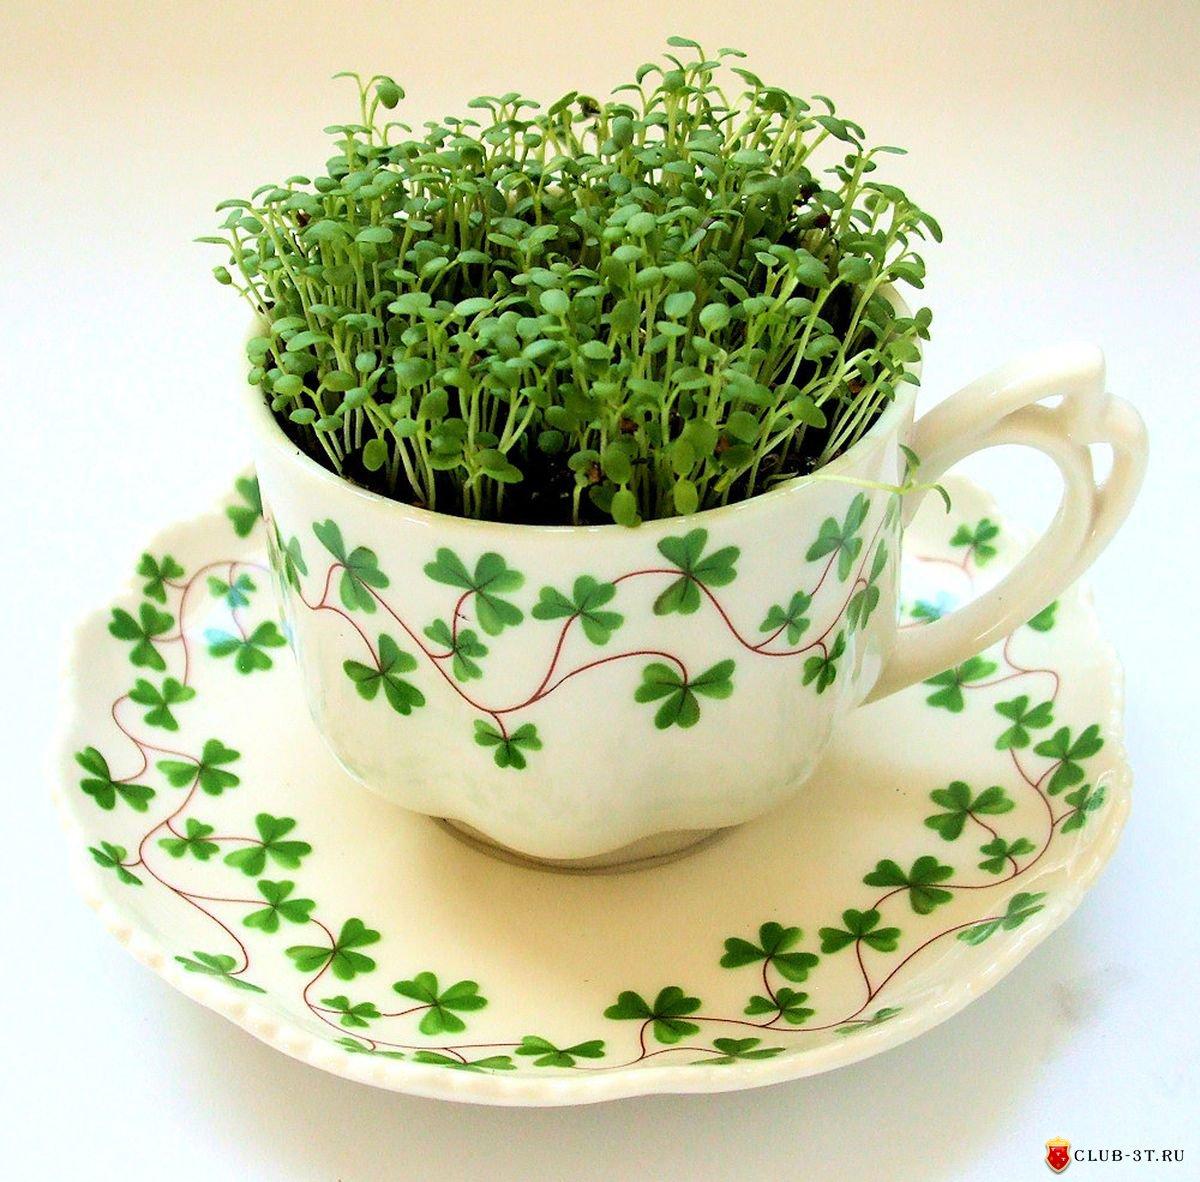 Микрозелень в домашних условиях фото